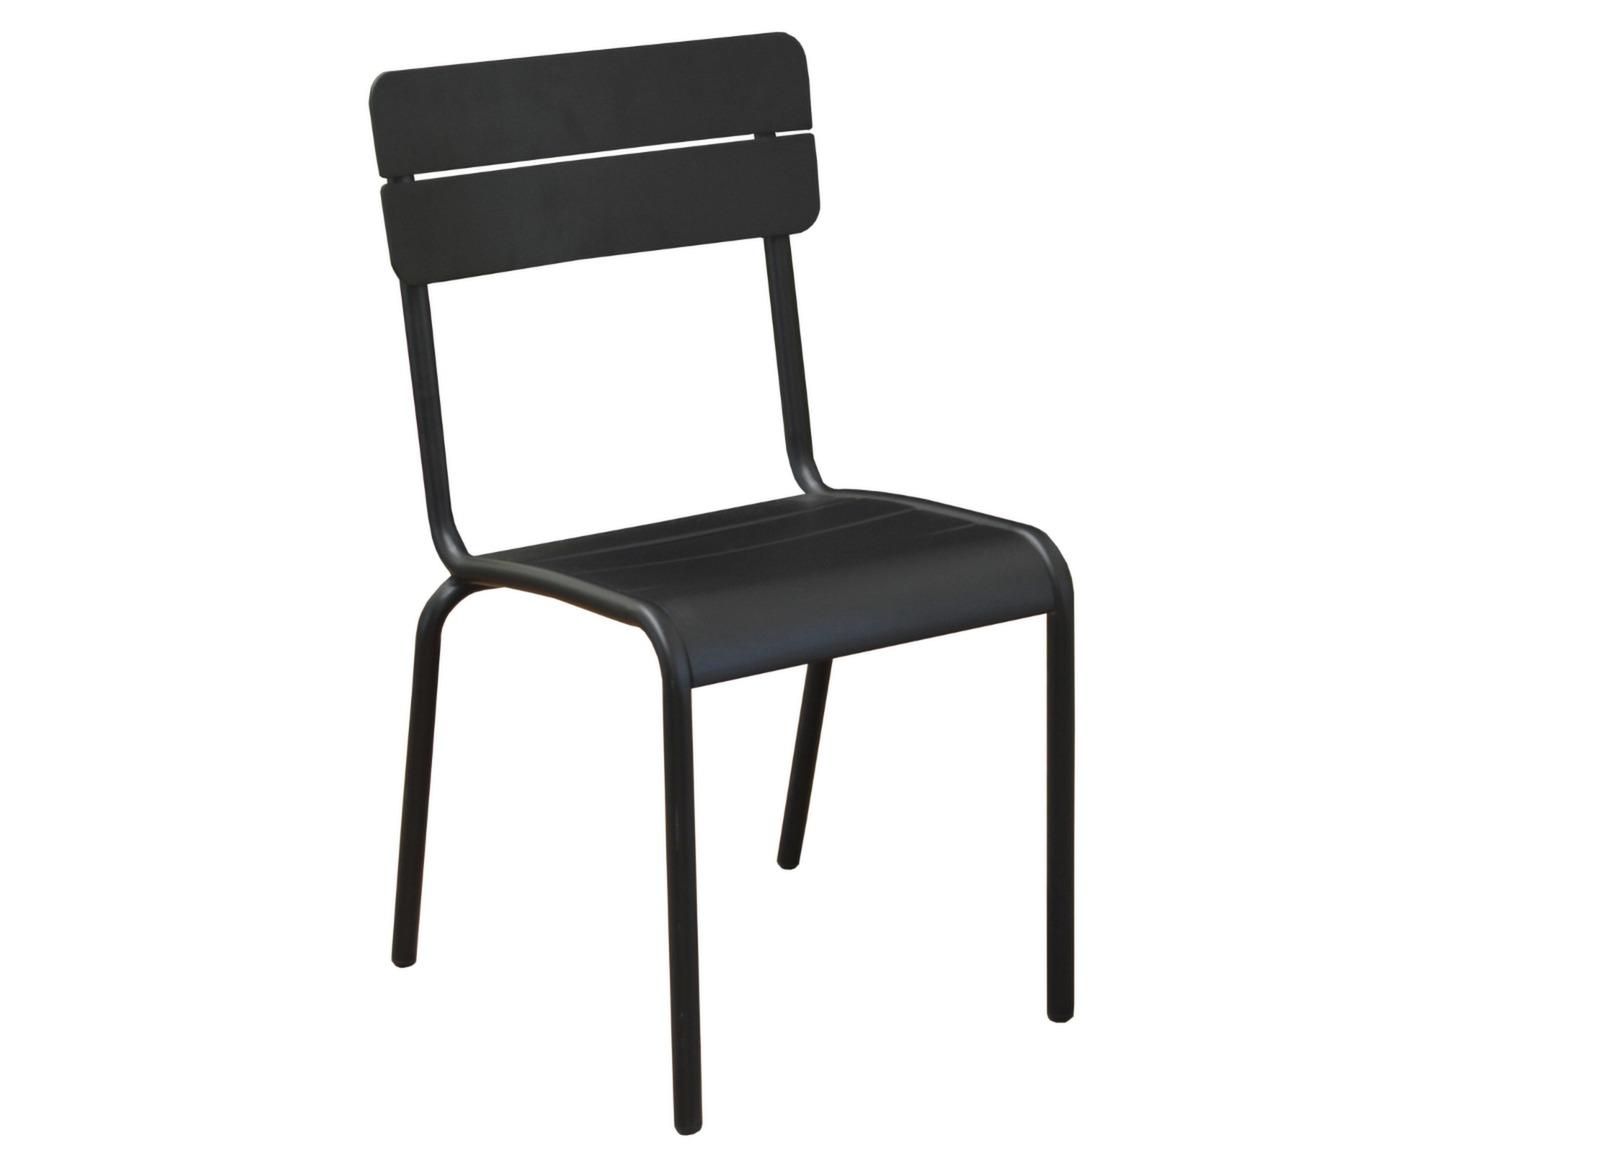 Beautiful chaise de jardin aluminium pictures for Chaise jardin aluminium textilene